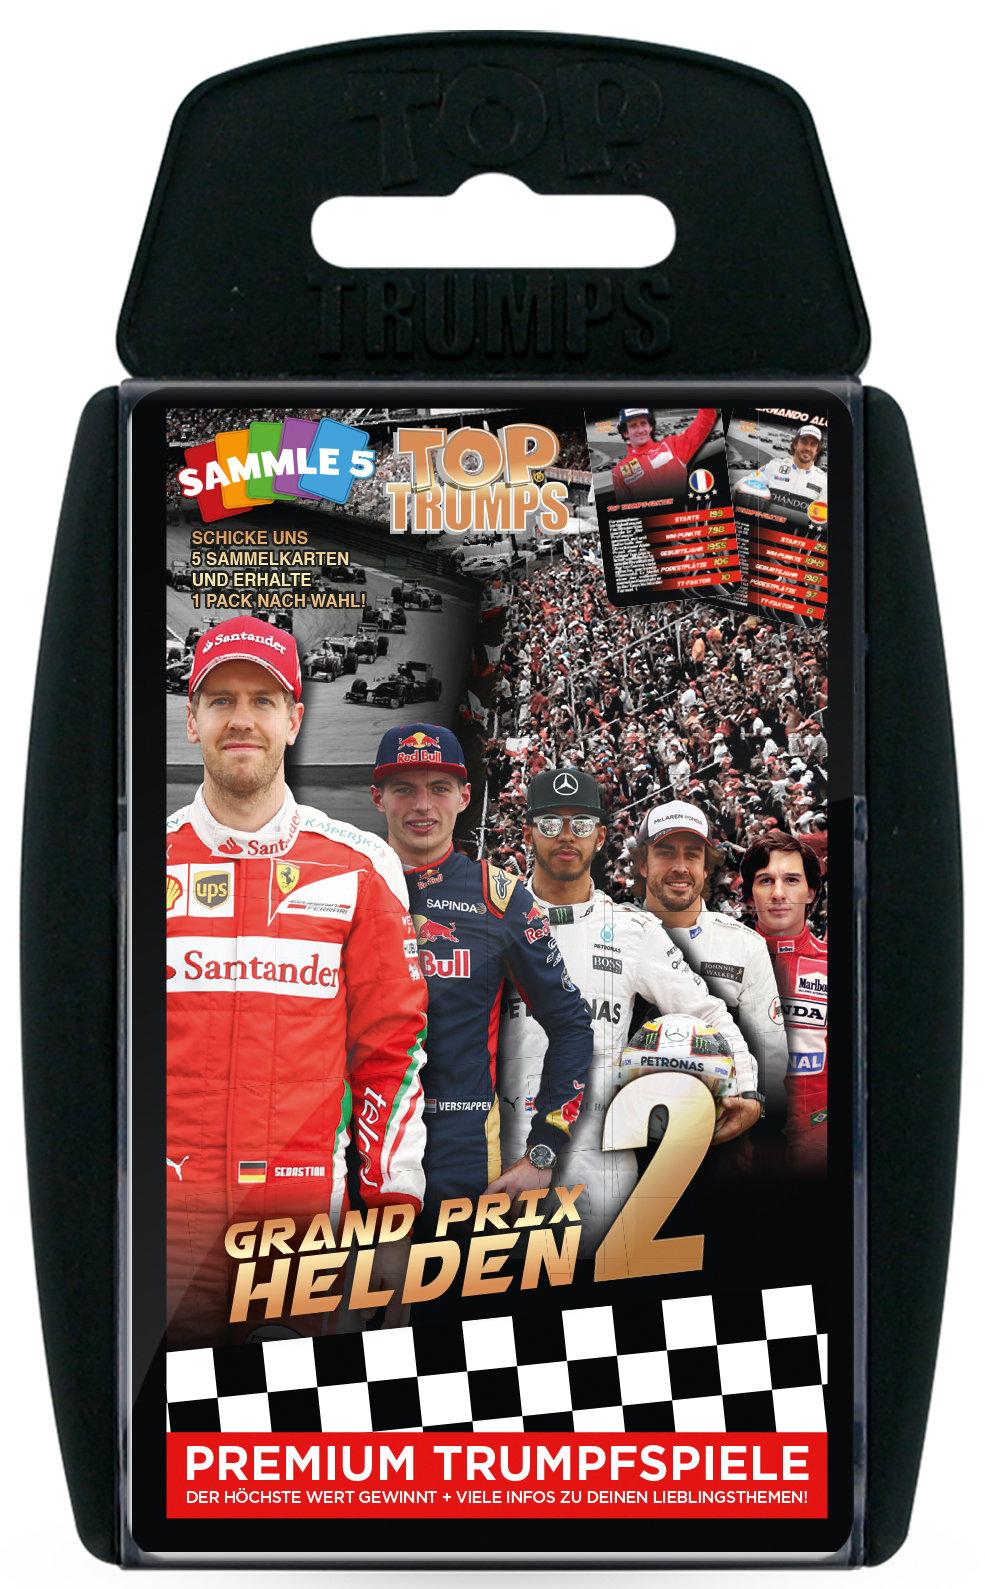 Top Trumps Grand Prix Helden 2